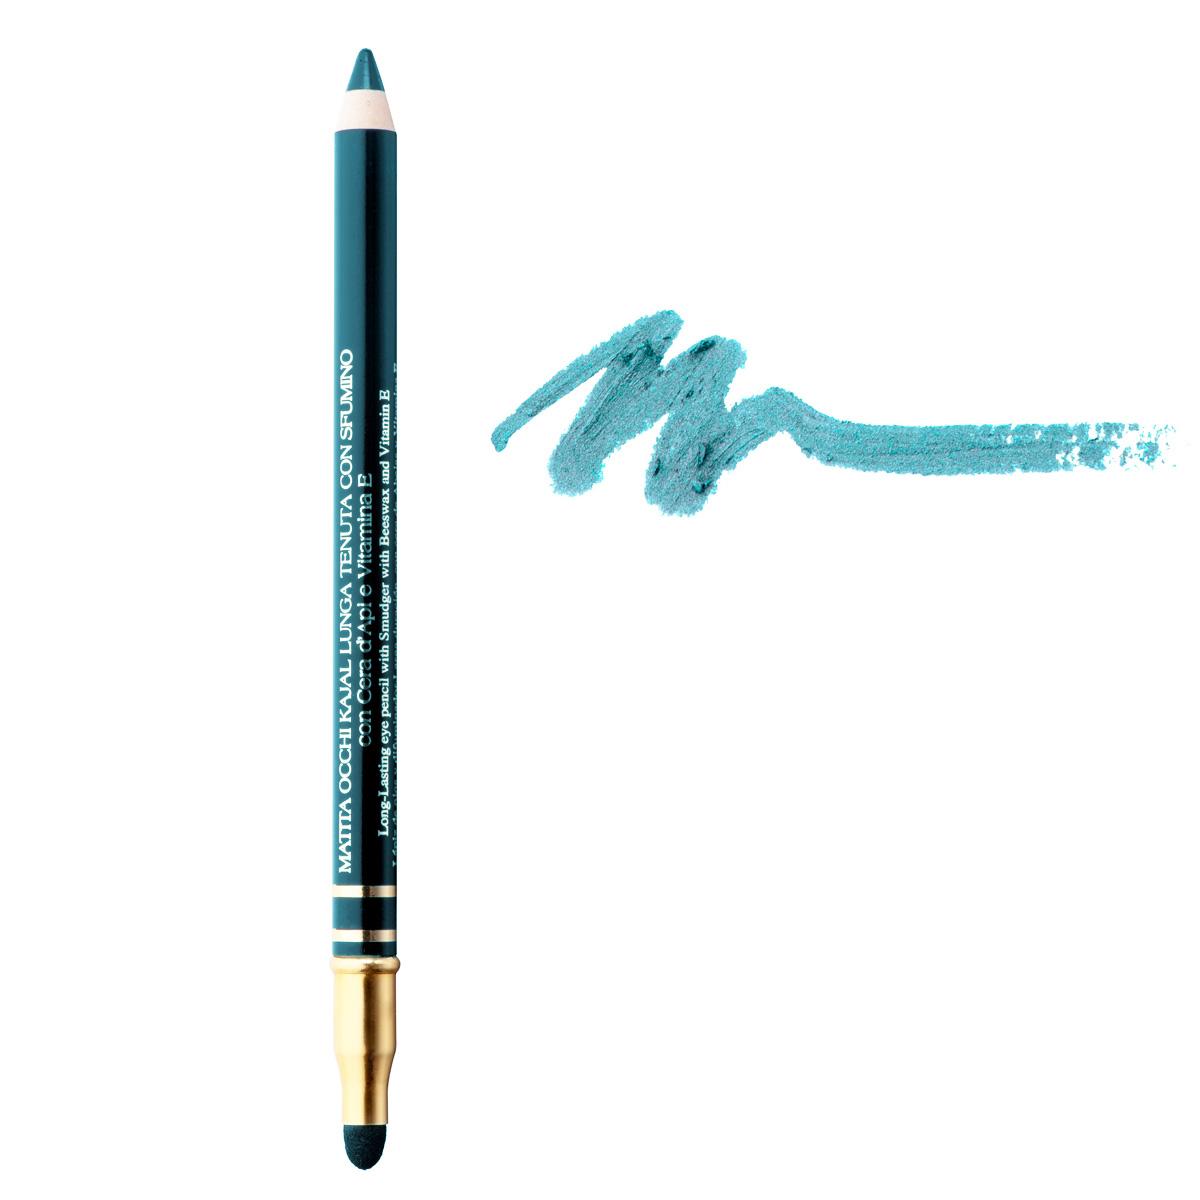 Creion Kajal smudge cu efect de lunga durata pentru smoky eyes, cu ceara de albine si Vitamina E